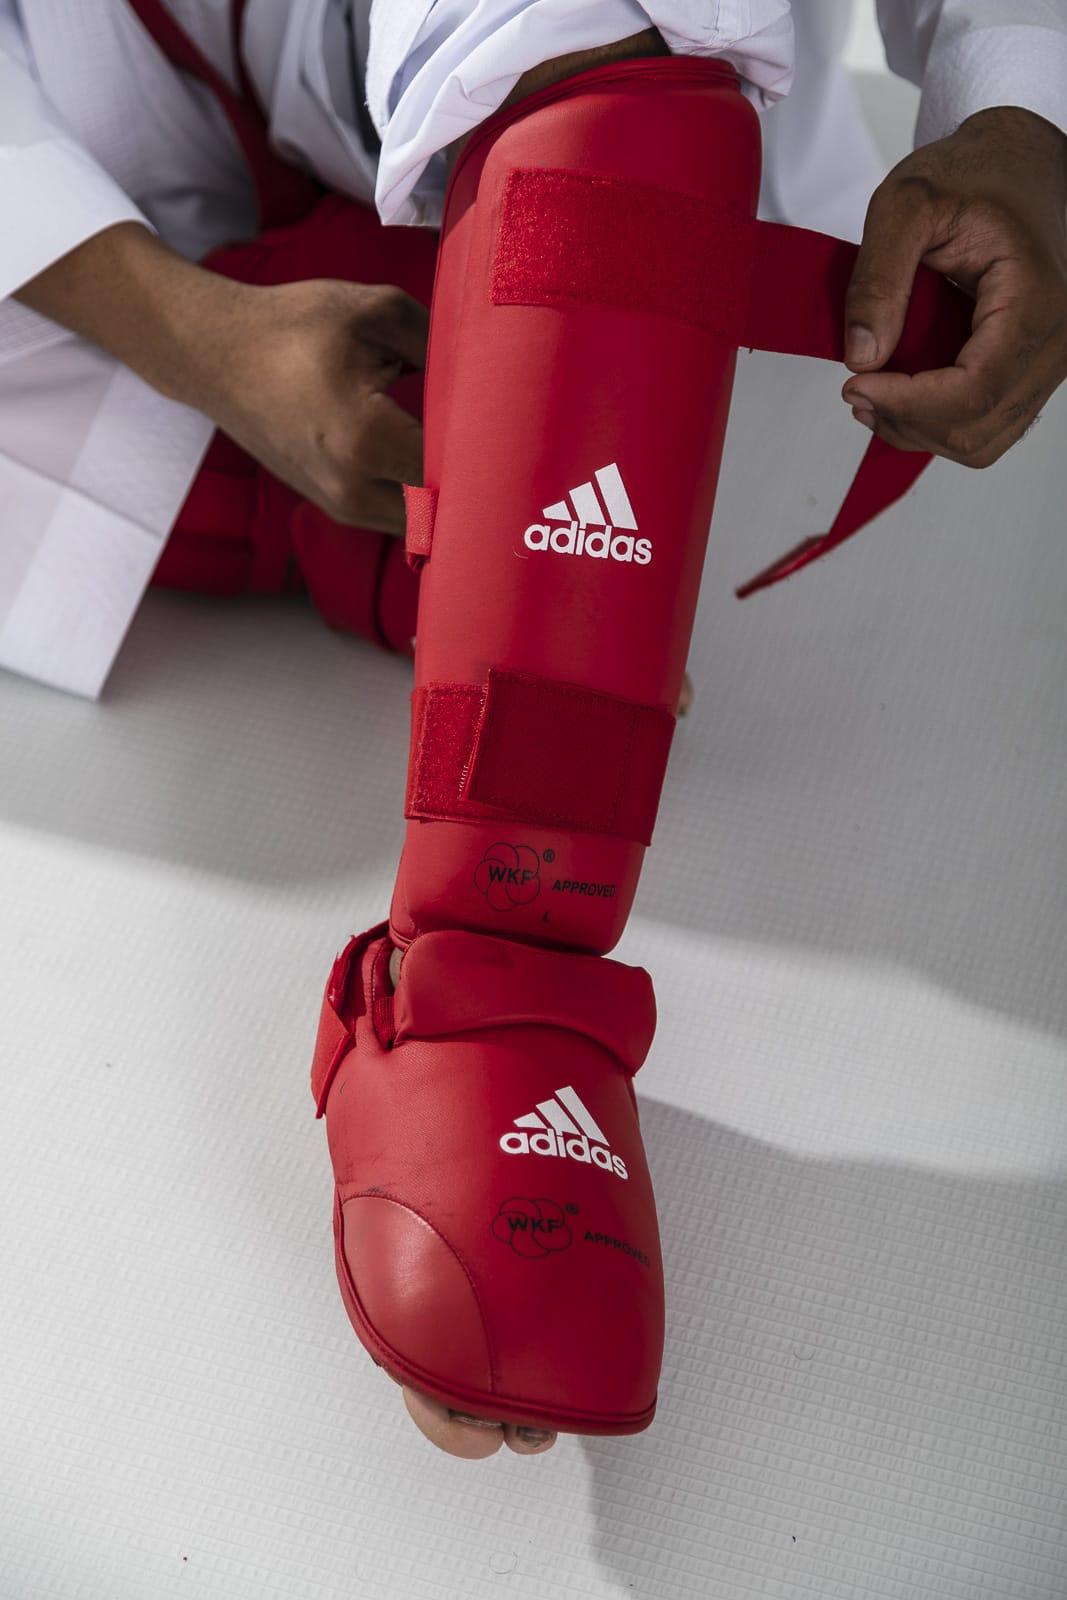 Caneleira Karatê com Protetor de Pé adidas - Selo WKF